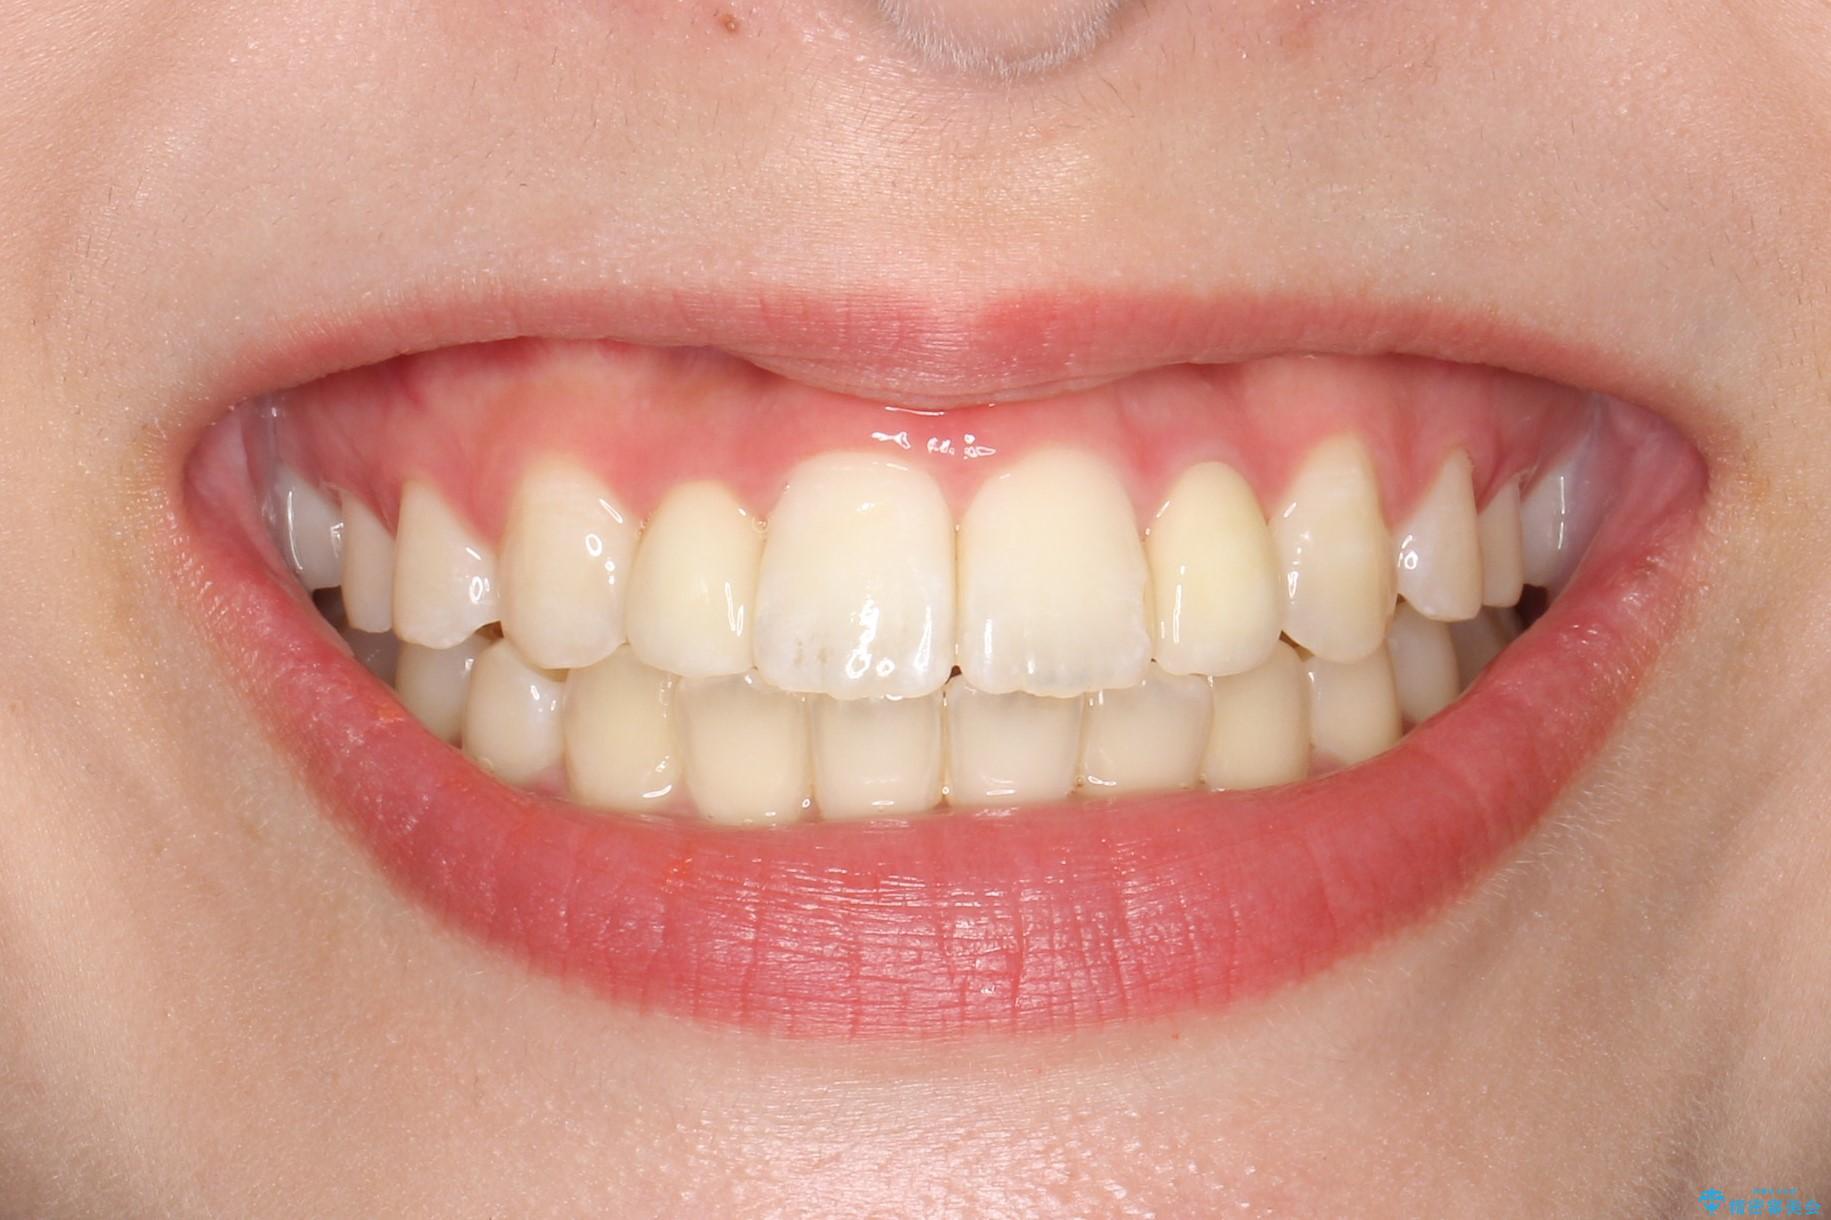 歯の形態修正も含めた矯正治療&セラミック治療の治療後(顔貌)